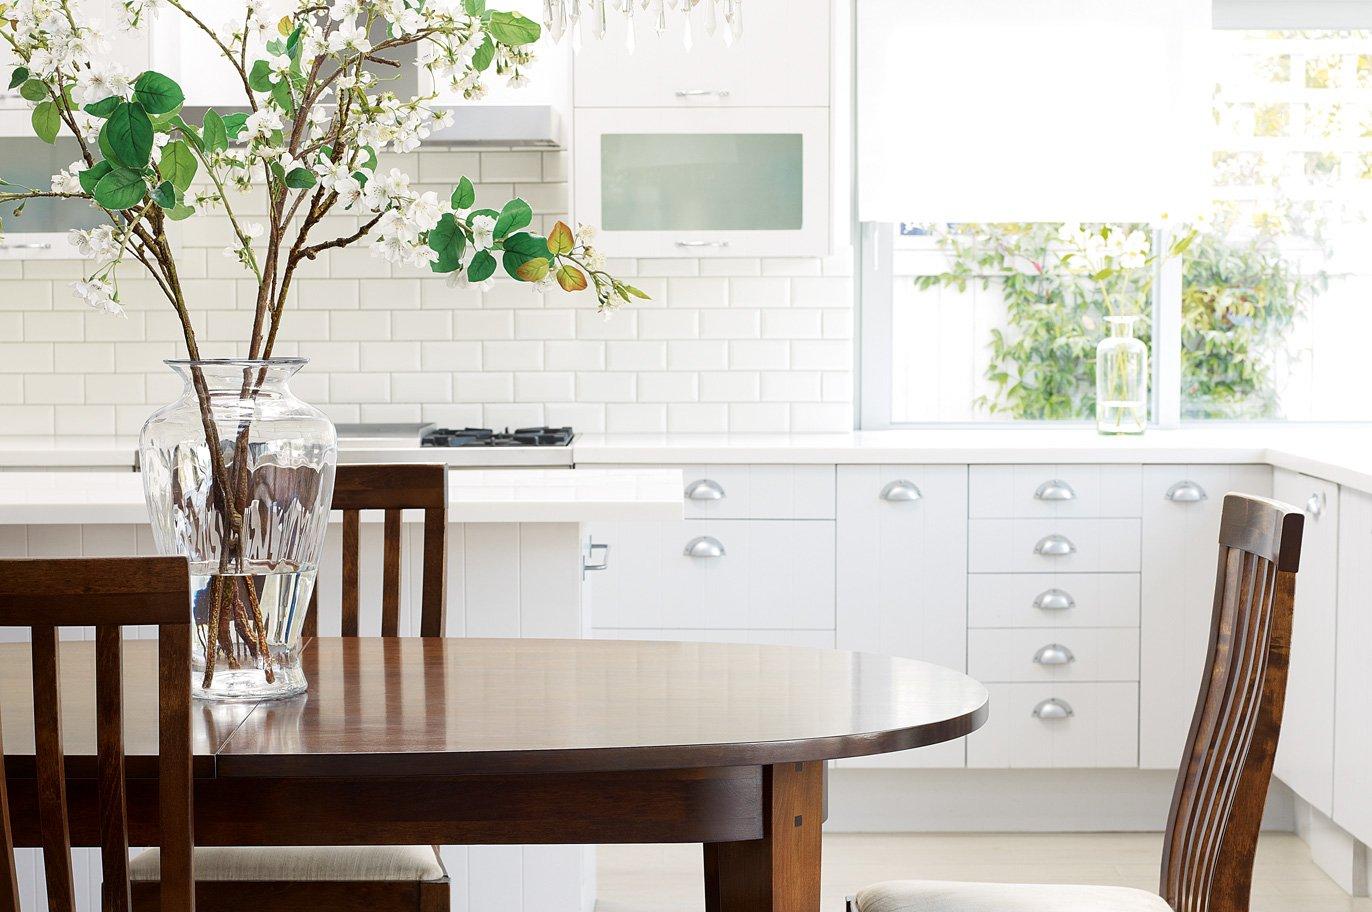 Muebles para una cocina de estilo ingl s decoraci n del for Decoracion del hogar muebles